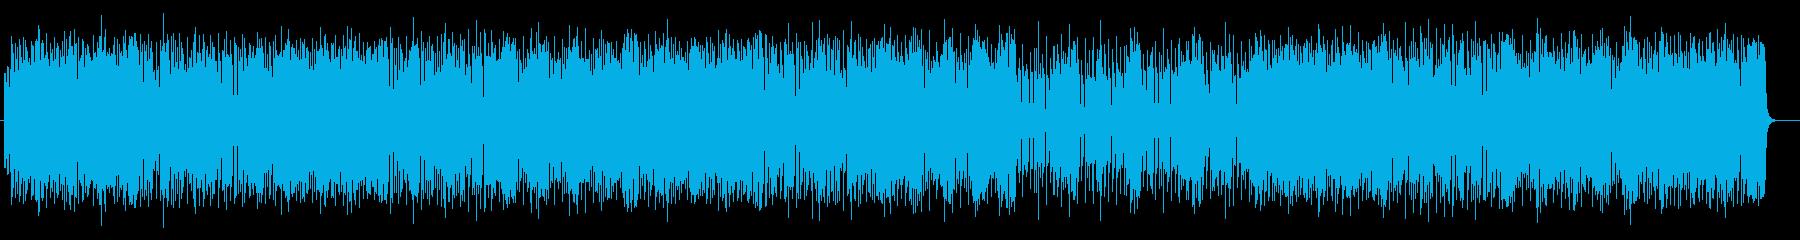 ポップで明るいミュージックの再生済みの波形